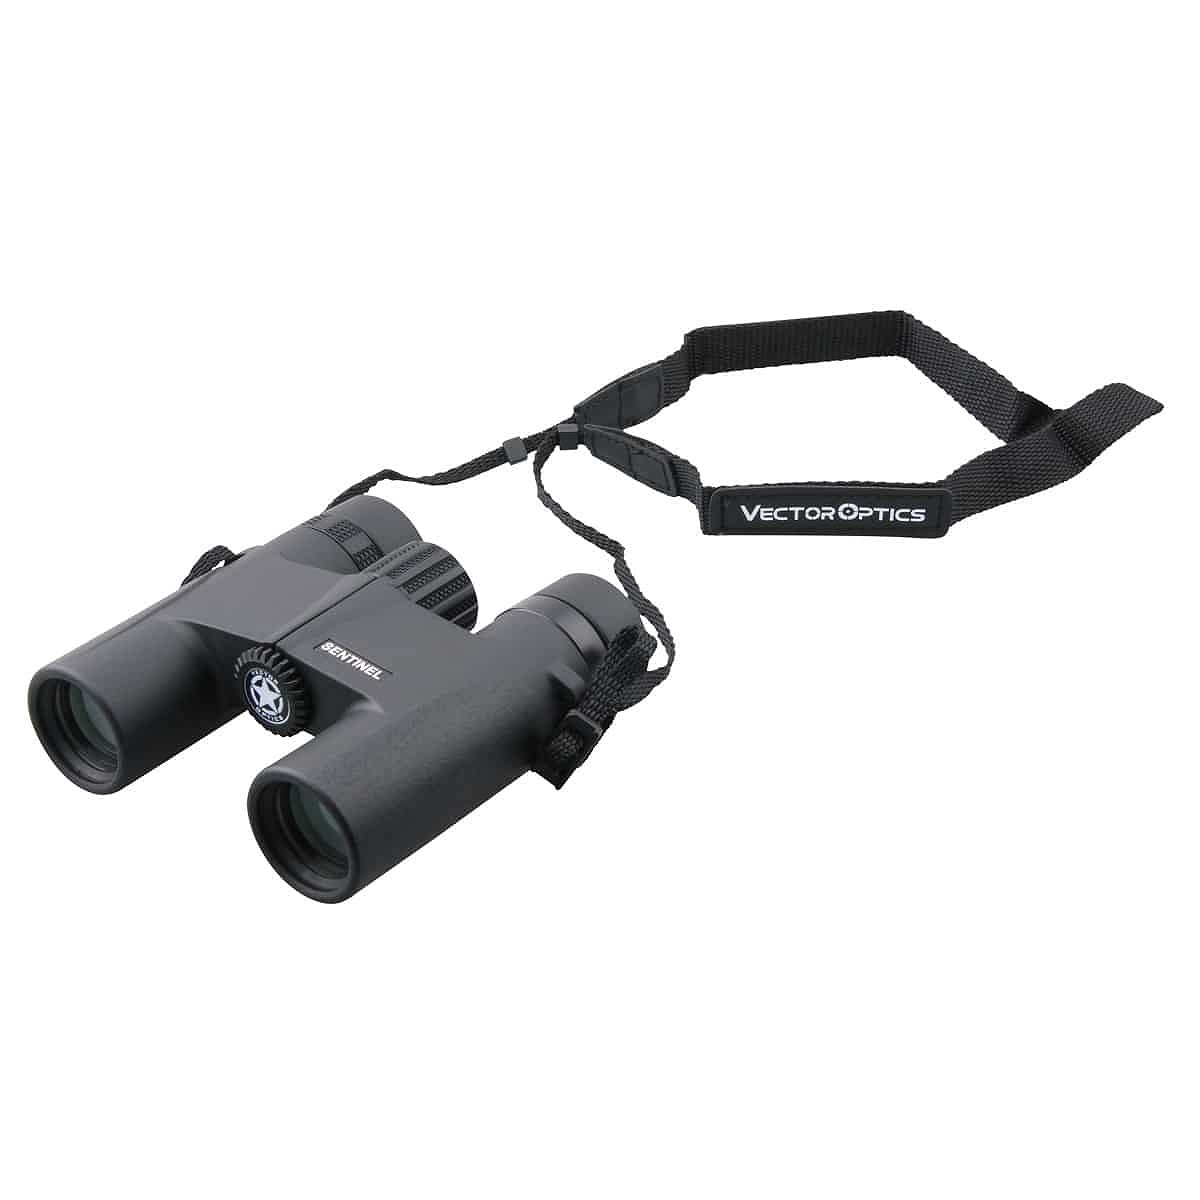 【お届け予定日: 5月30日】ベクターオプティクス ライフルスコープ Sentinel 8x25  Vector Optics SCBO-11